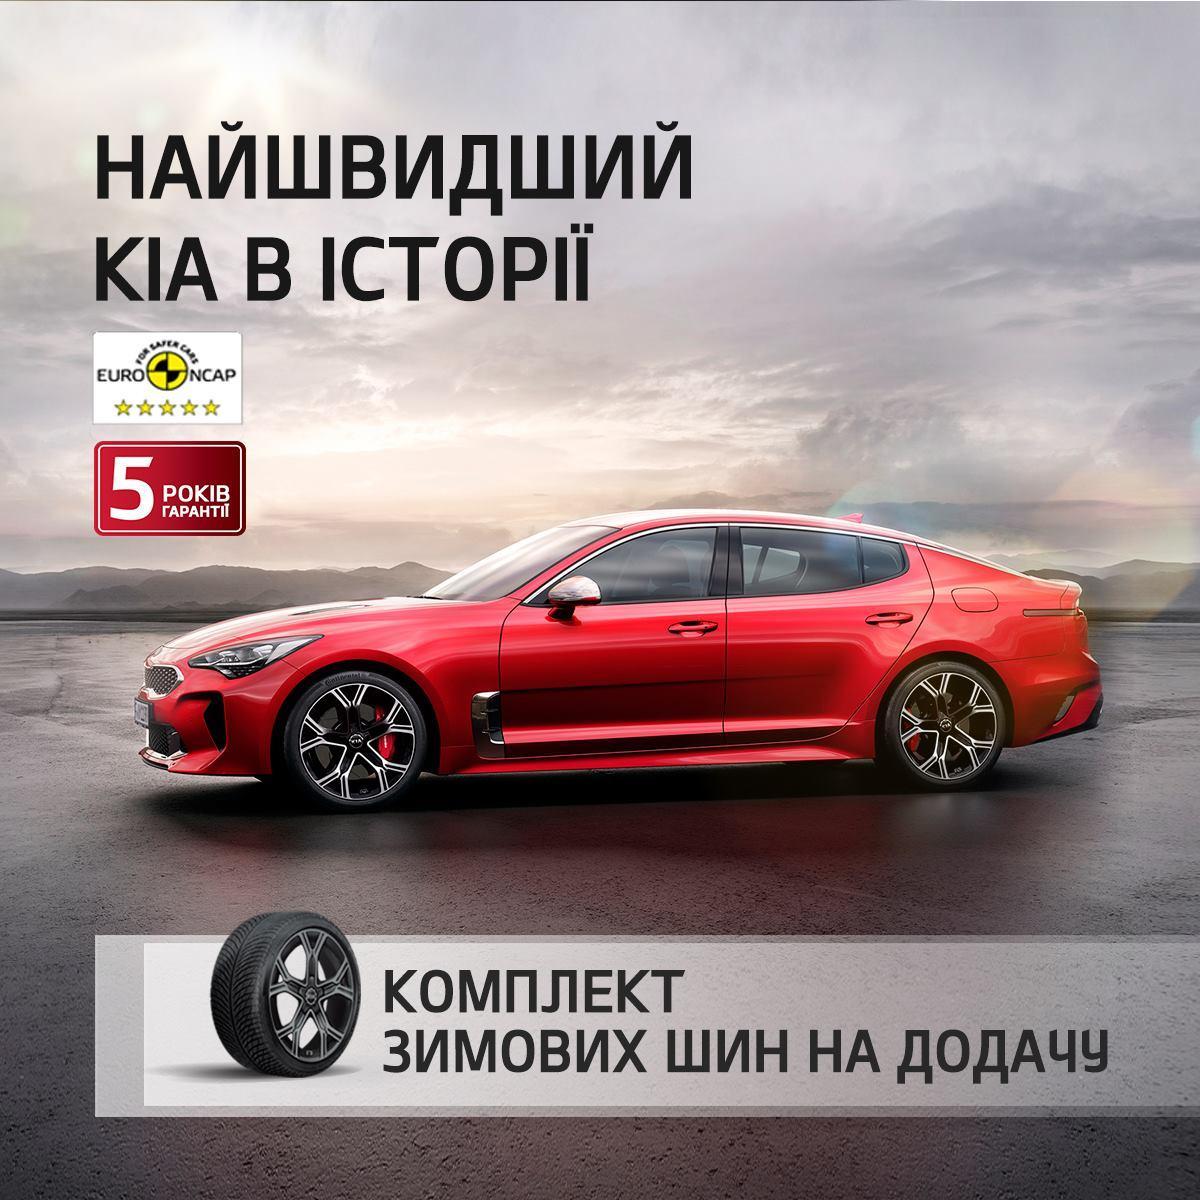 Kia Stinger пропонується за привабливою ціною і з комплектом зимових шин на додачу!